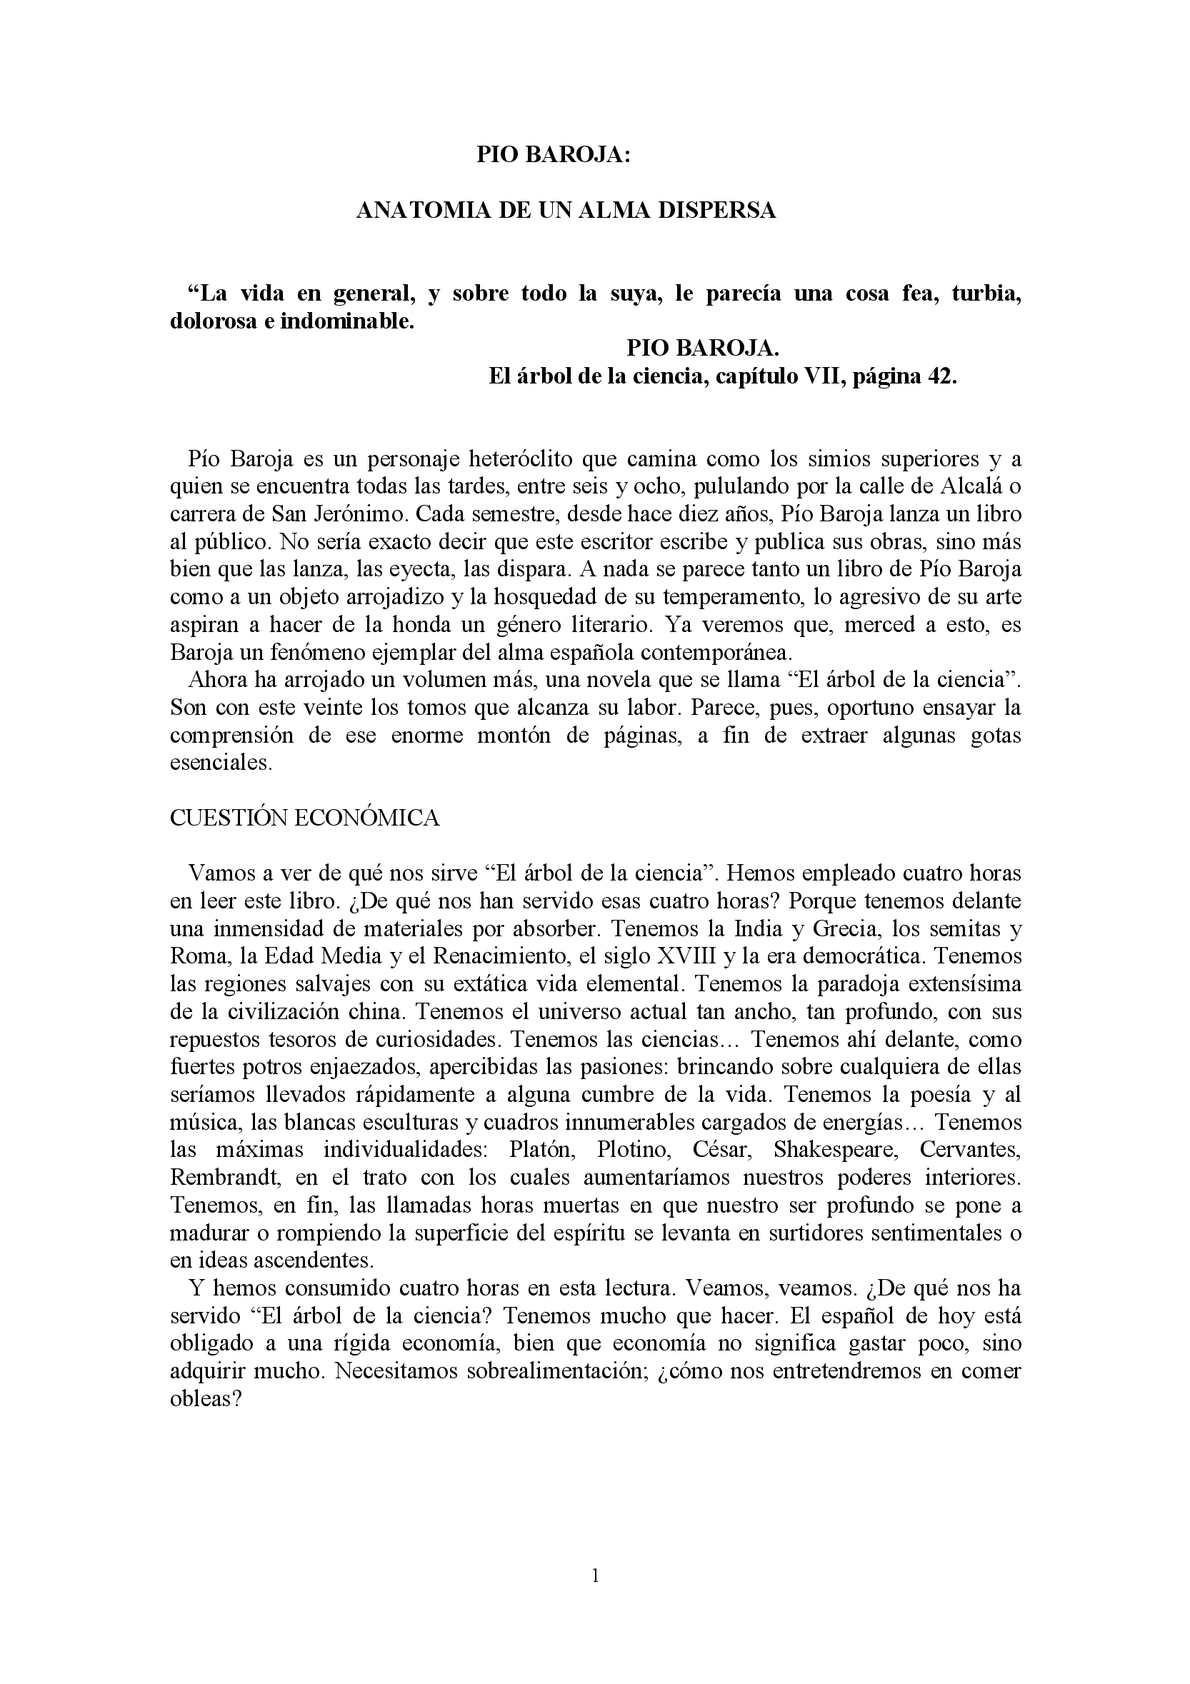 Calaméo José Ortega Y Gasset Píobaroja Anatomia De Un Alma Dispersa